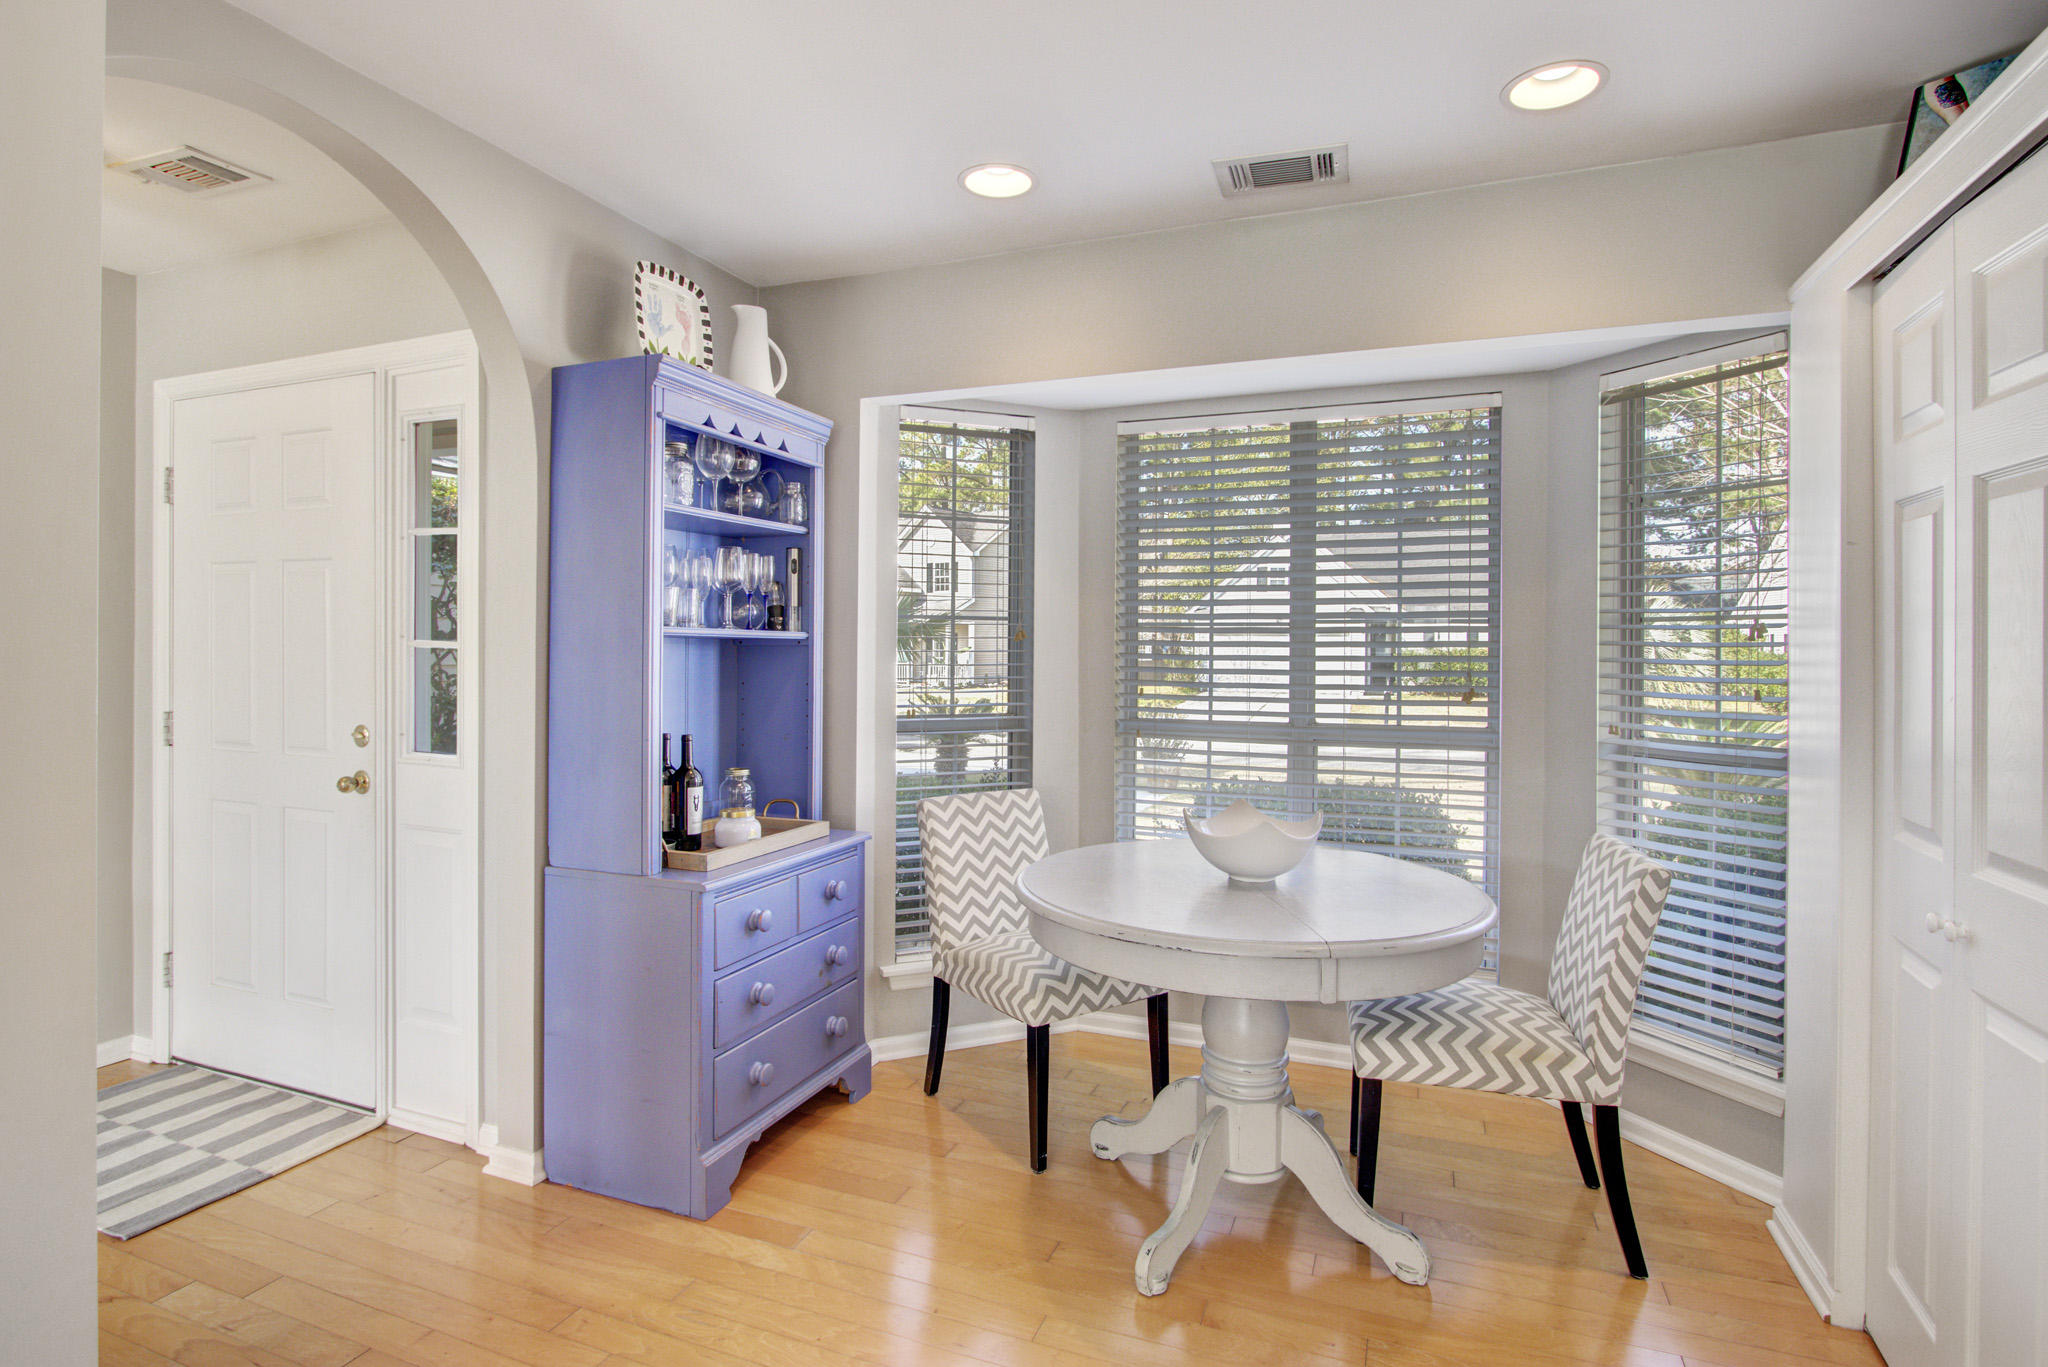 Dunes West Homes For Sale - 1425 Water Oak Cut, Mount Pleasant, SC - 13